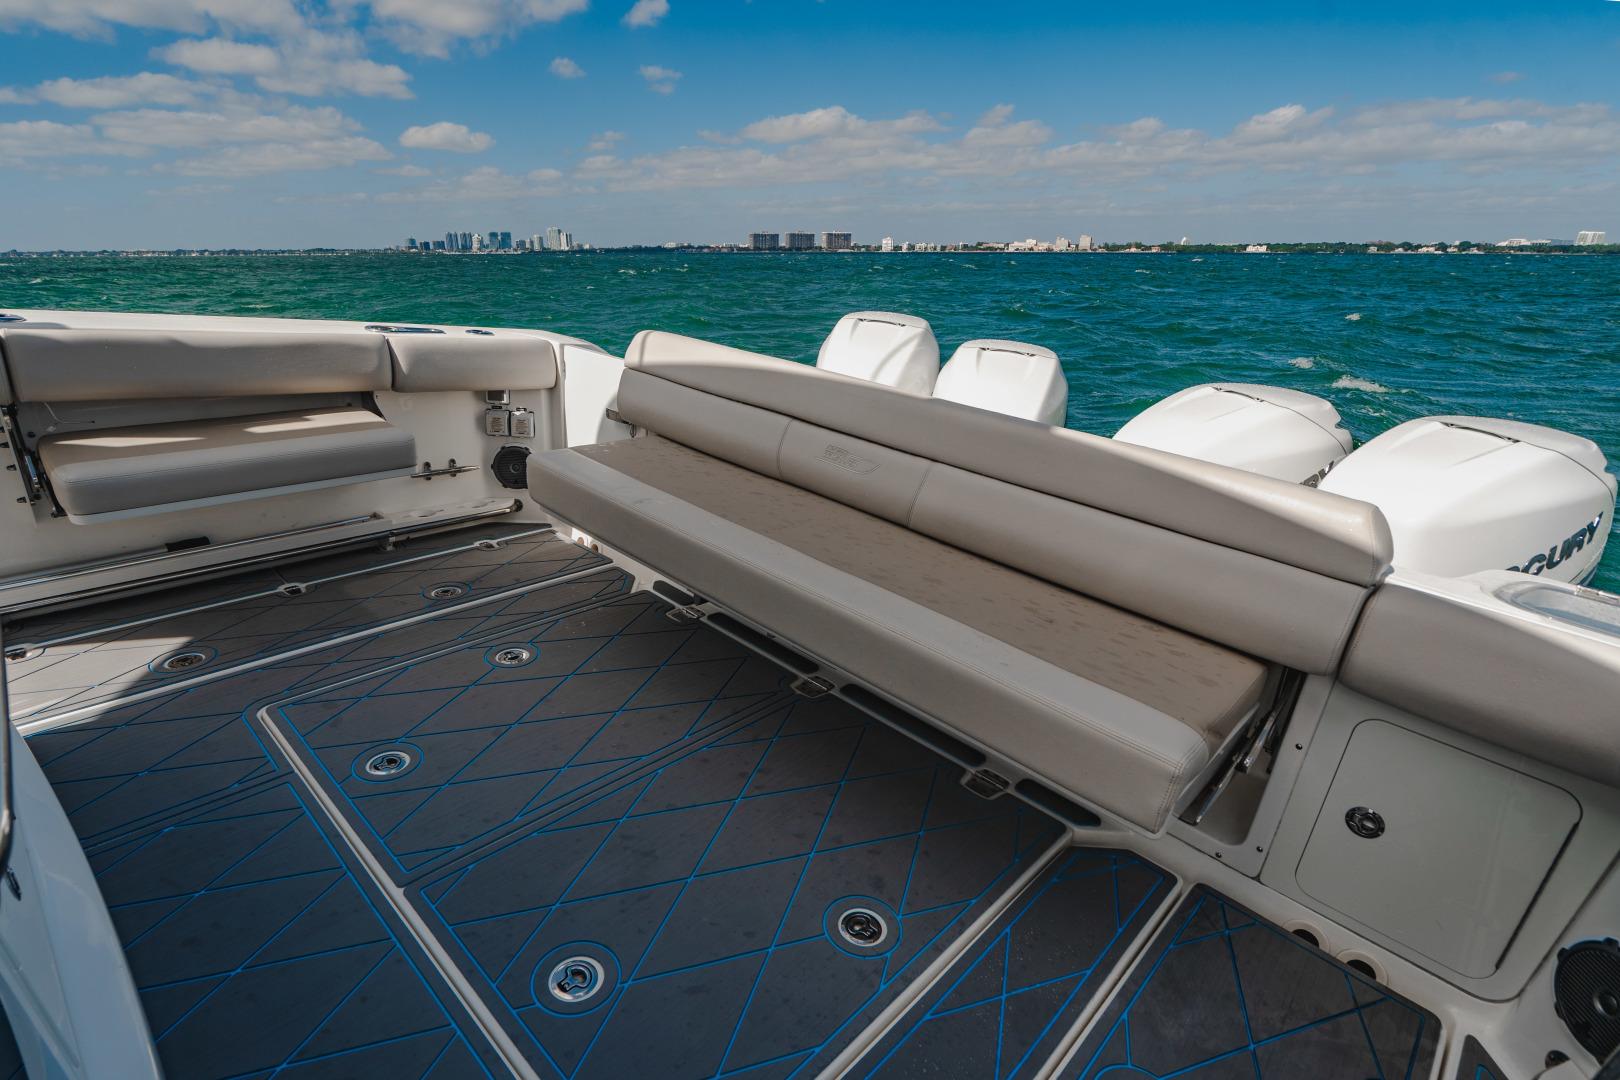 Boston Whaler-Outrage 2016-Sea Duction Miami Beach -Florida-United States-1557424 | Thumbnail